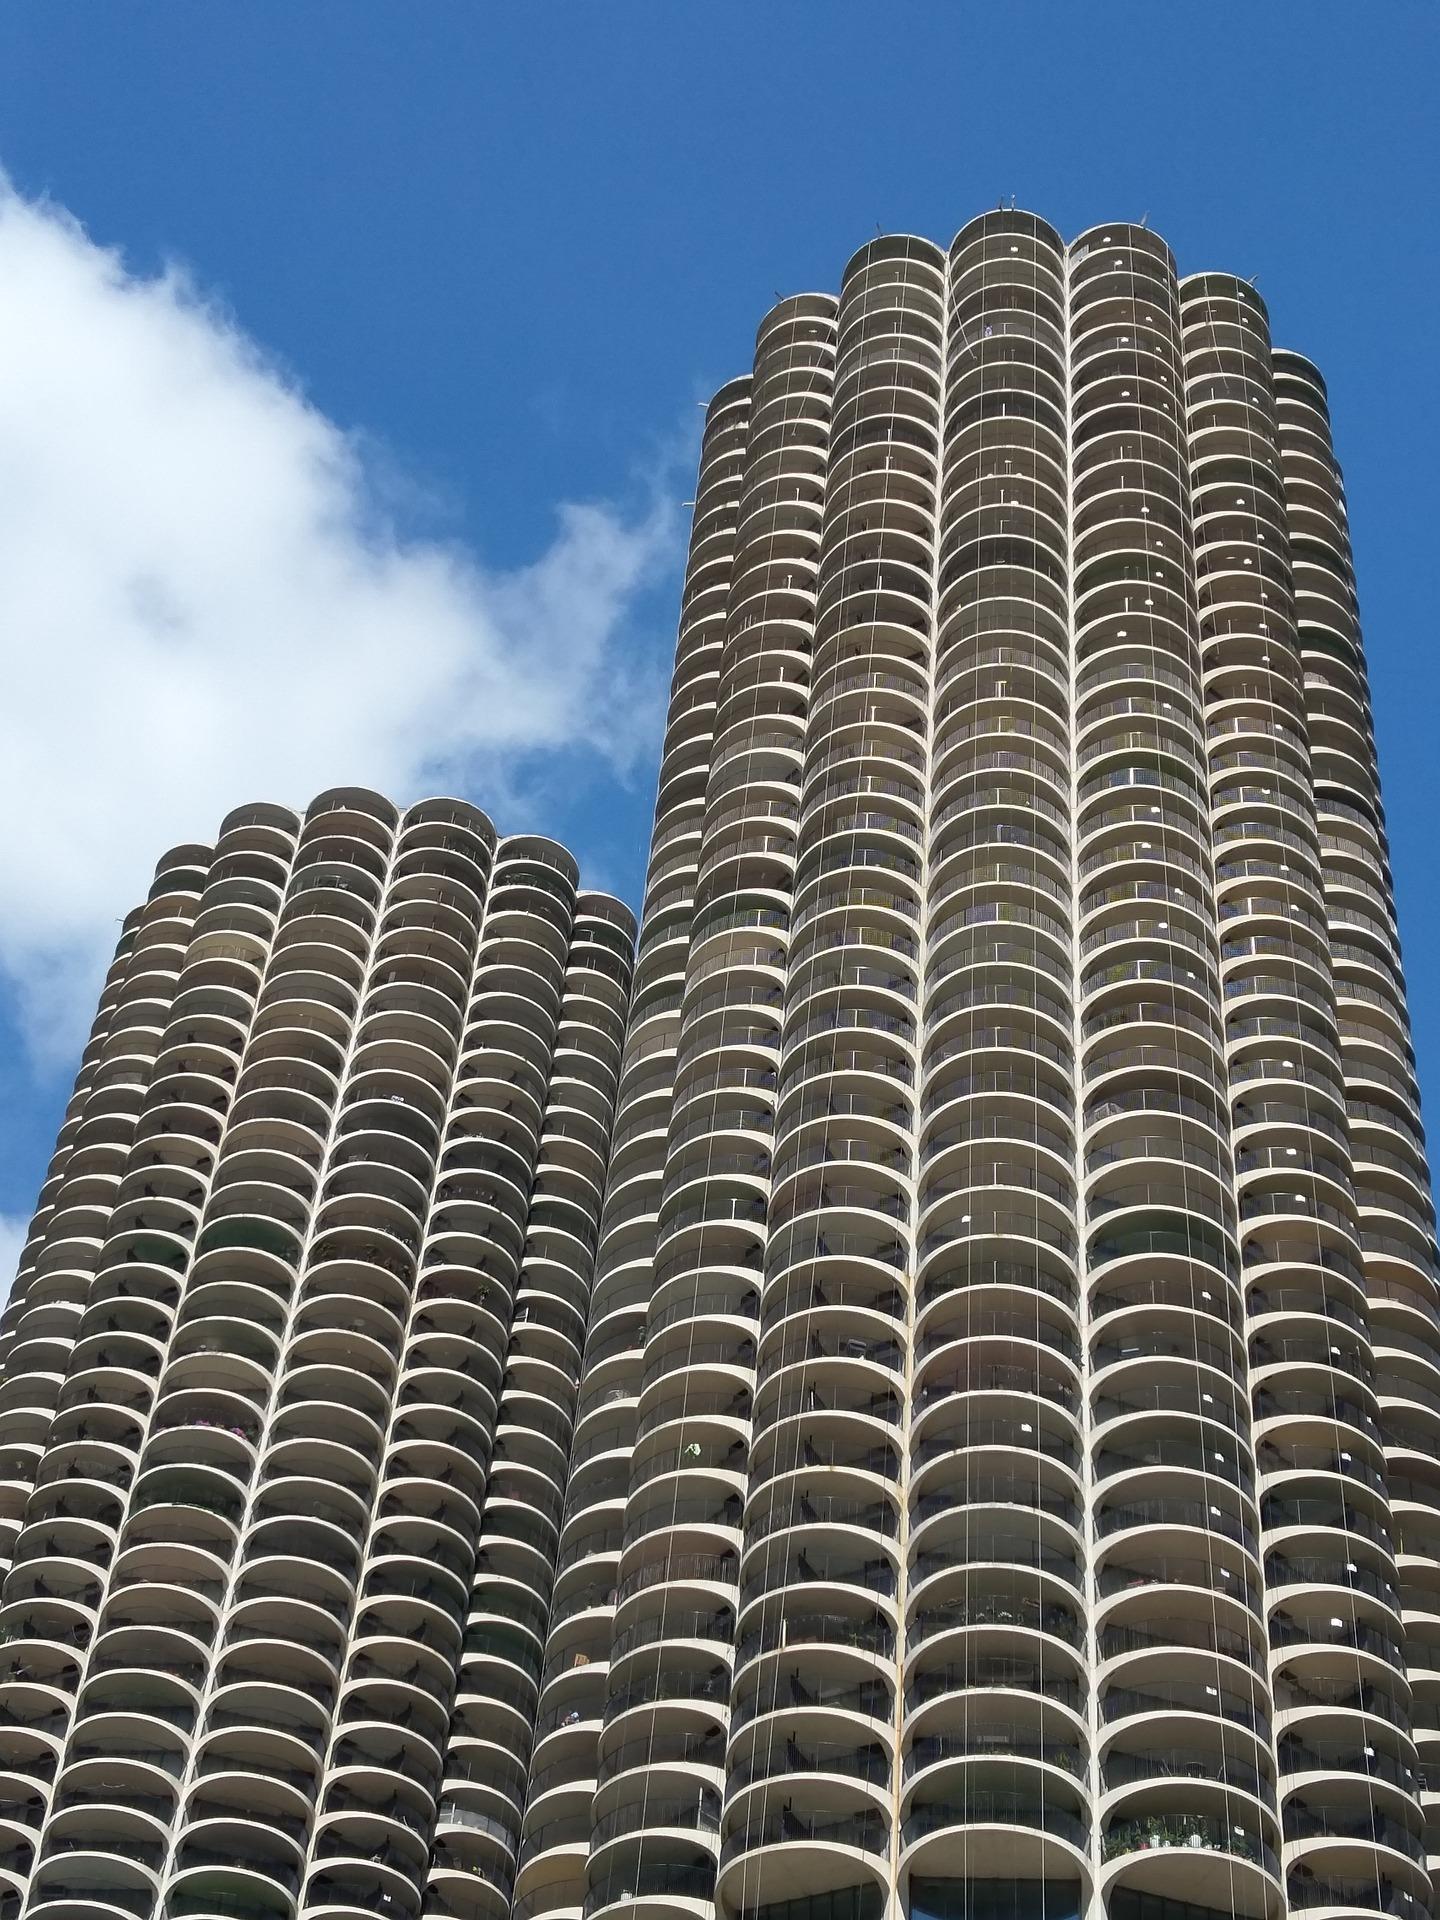 chicago-2667557_1920.jpg